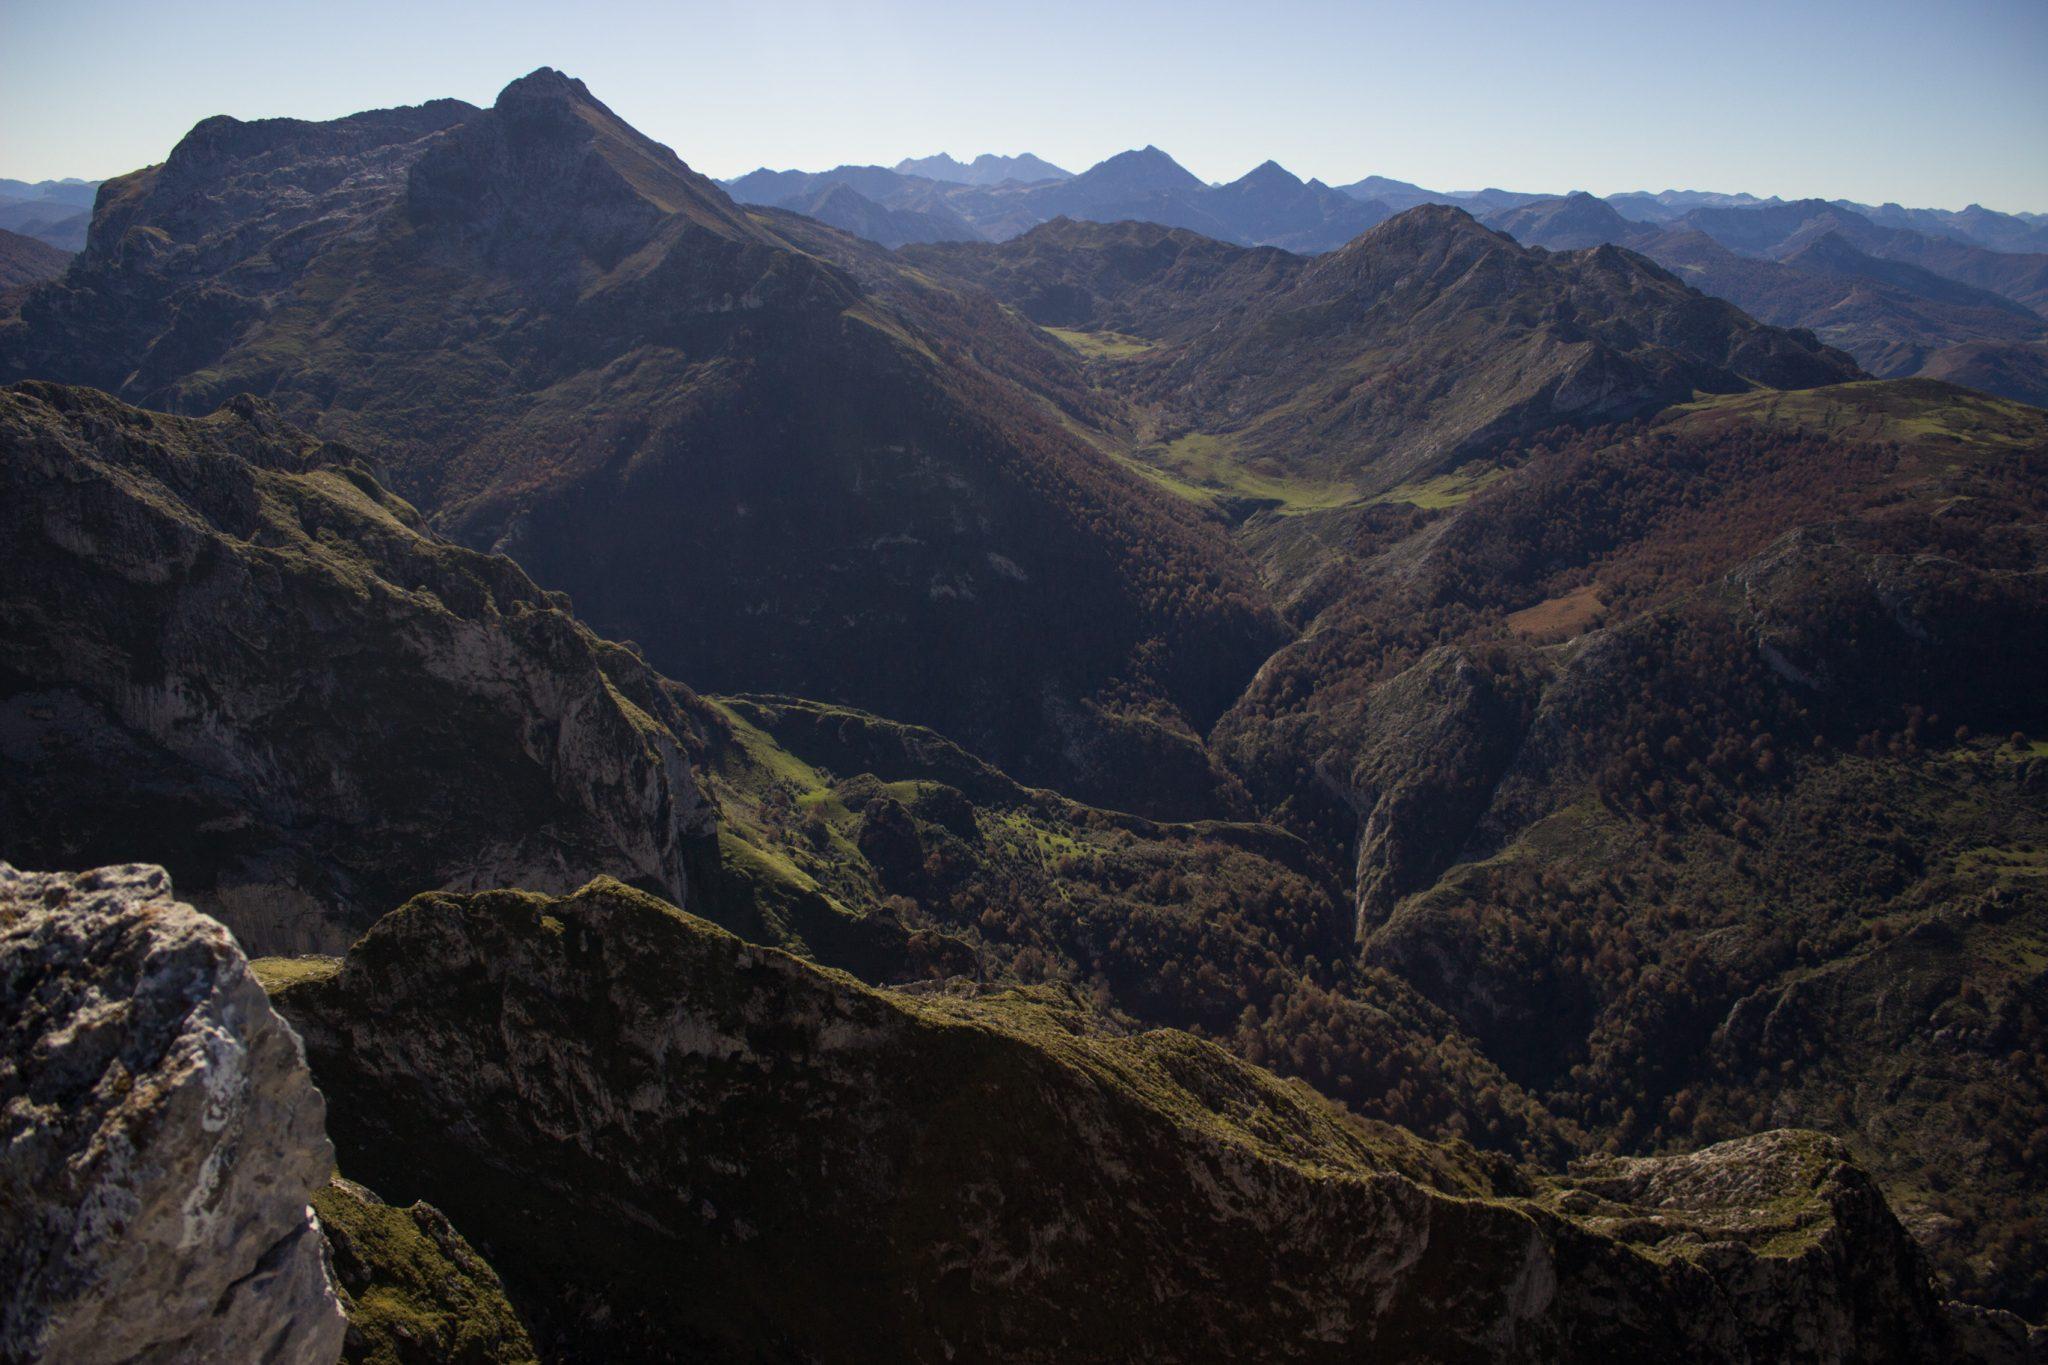 Wanderung Mirador de Ordiales Picos de Europa Spanien, sehr beeindruckende Sicht beim Ziel der Wanderung, dem Aussichtspunkt Mirador de Ordiales, Bergpanorama, weite Fernsicht